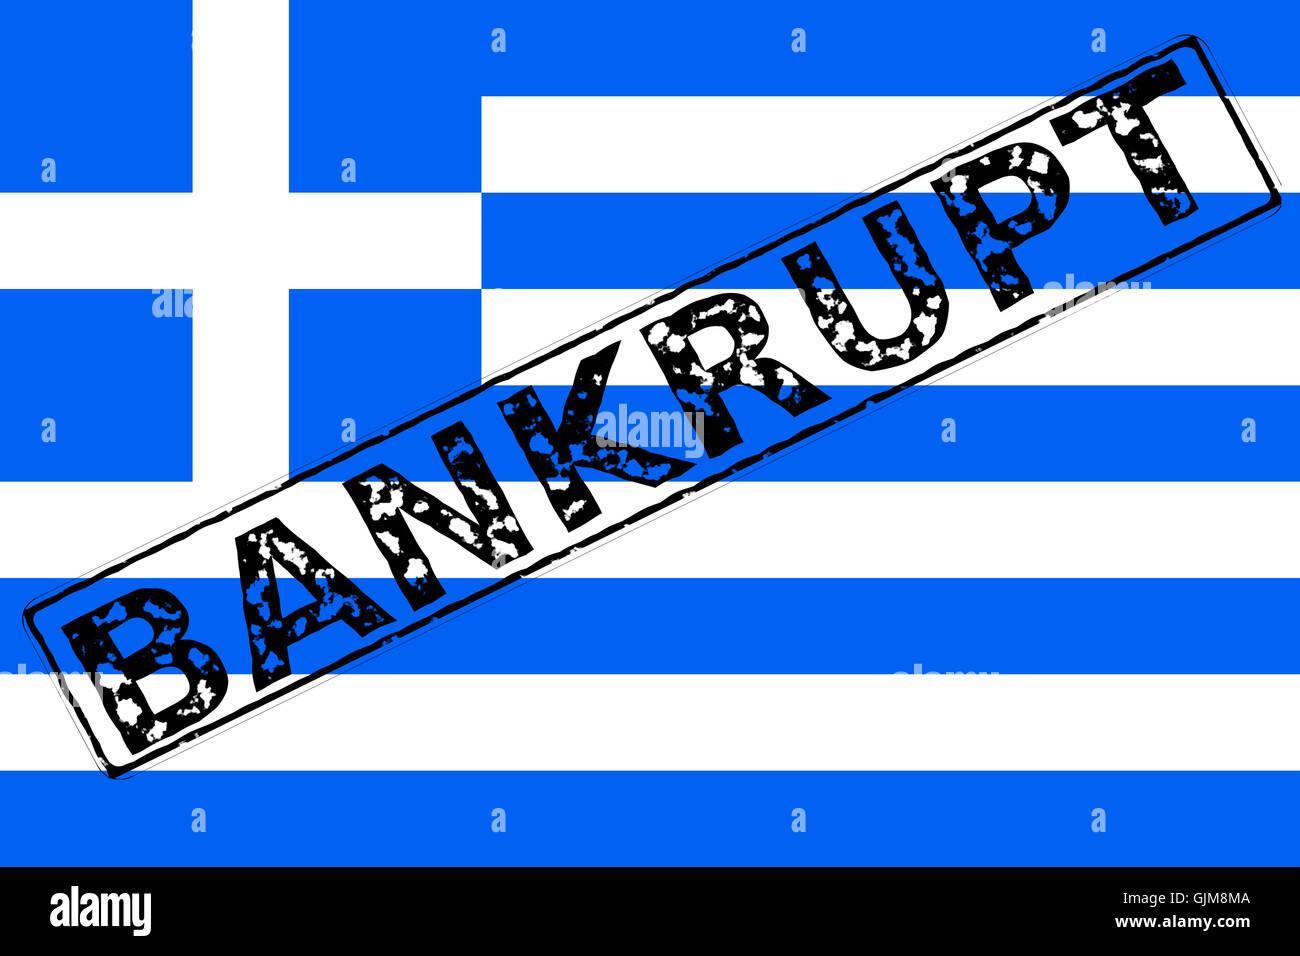 Bandiera Greca in bancarotta timbro Immagini Stock